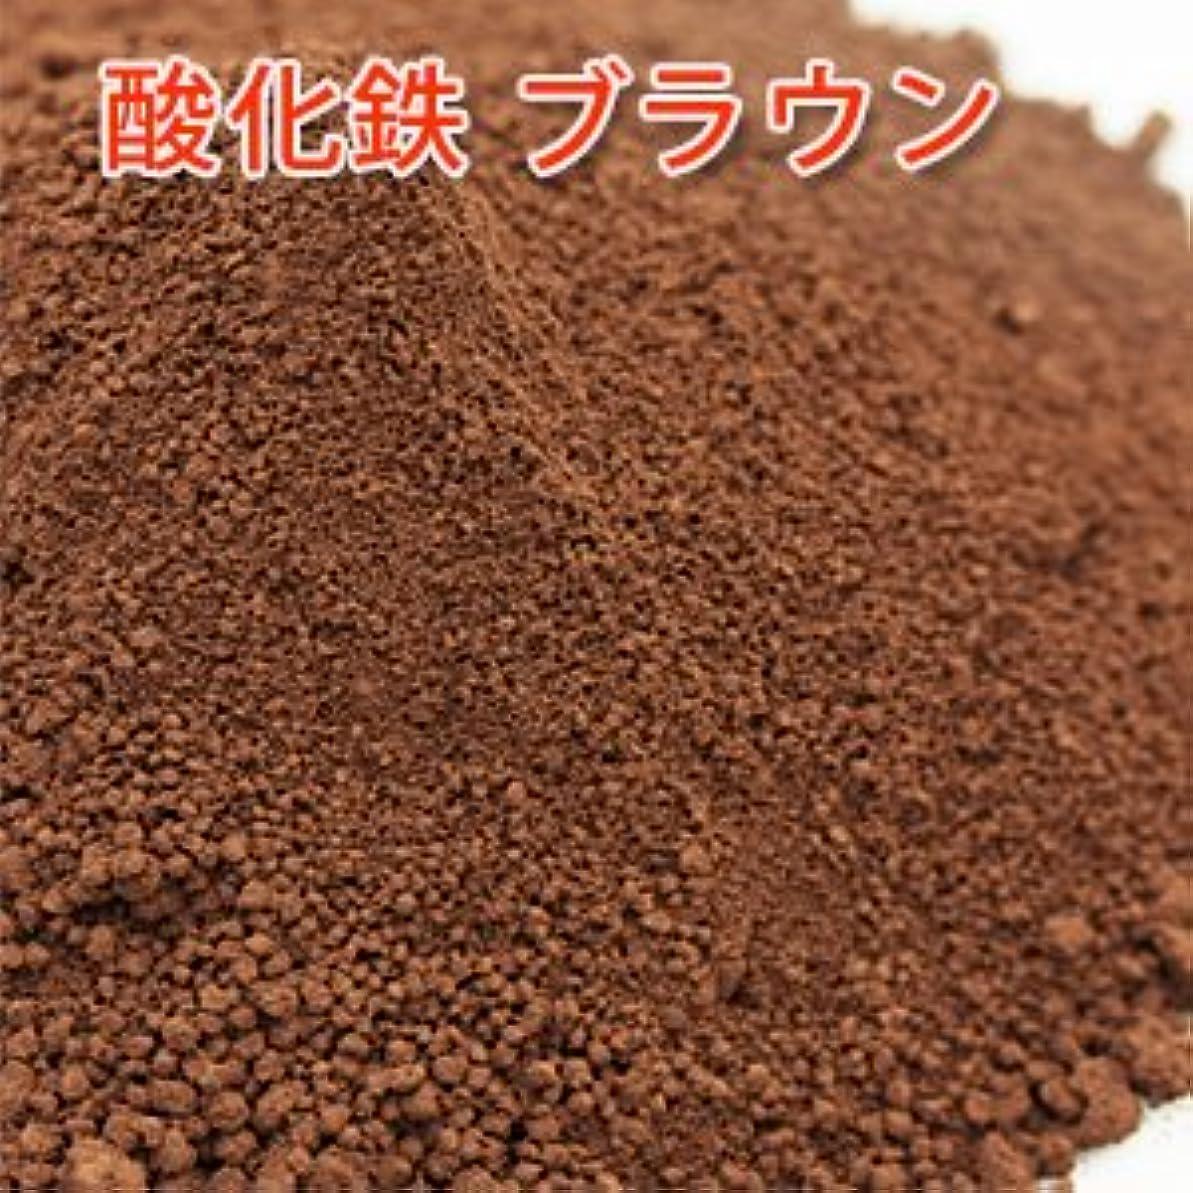 学生背の高いピュー酸化鉄 ブラウン 5g 【手作り石鹸/手作りコスメ/色付け/カラーラント/茶】